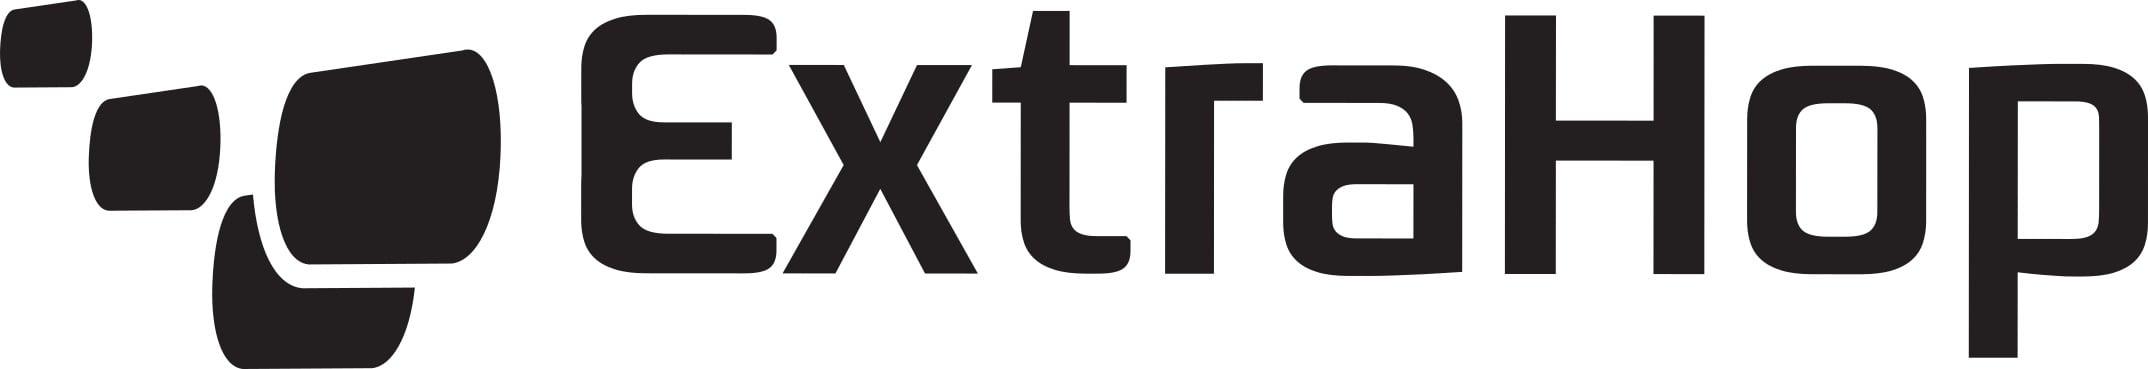 ExtraHop_logo